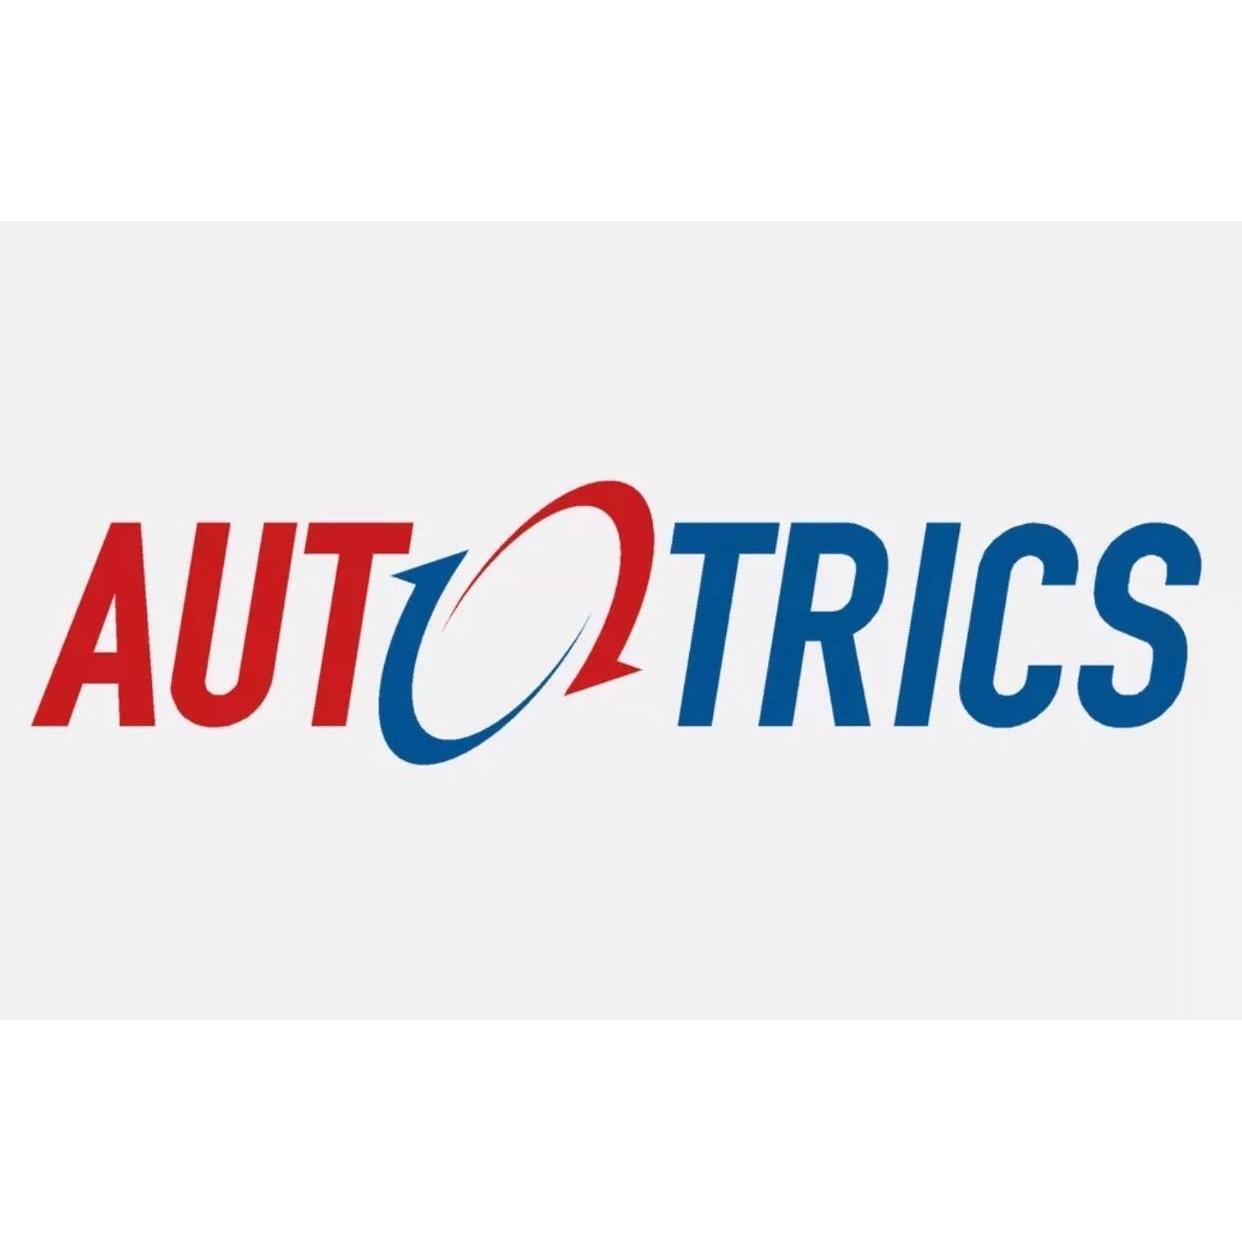 Autotrics Vehicle Repair - Bilston, West Midlands WV14 6AF - 01902 238080 | ShowMeLocal.com